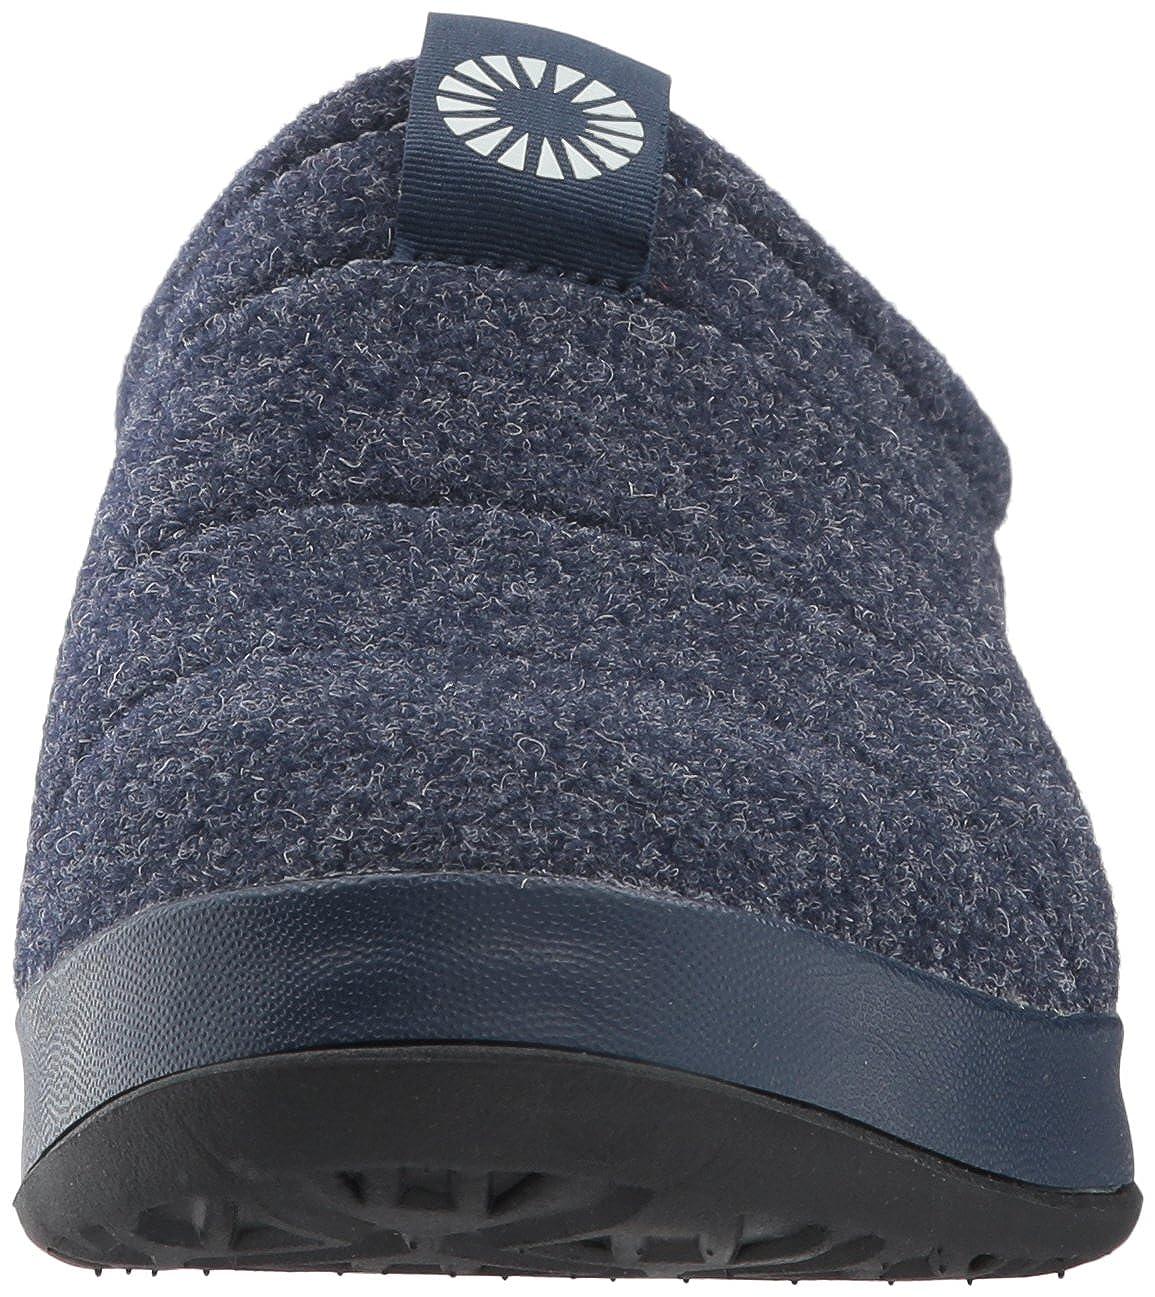 3c247a829e1 UGG Men's Samvitt Slipper, New Navy, 16 M US: Amazon.co.uk: Shoes & Bags